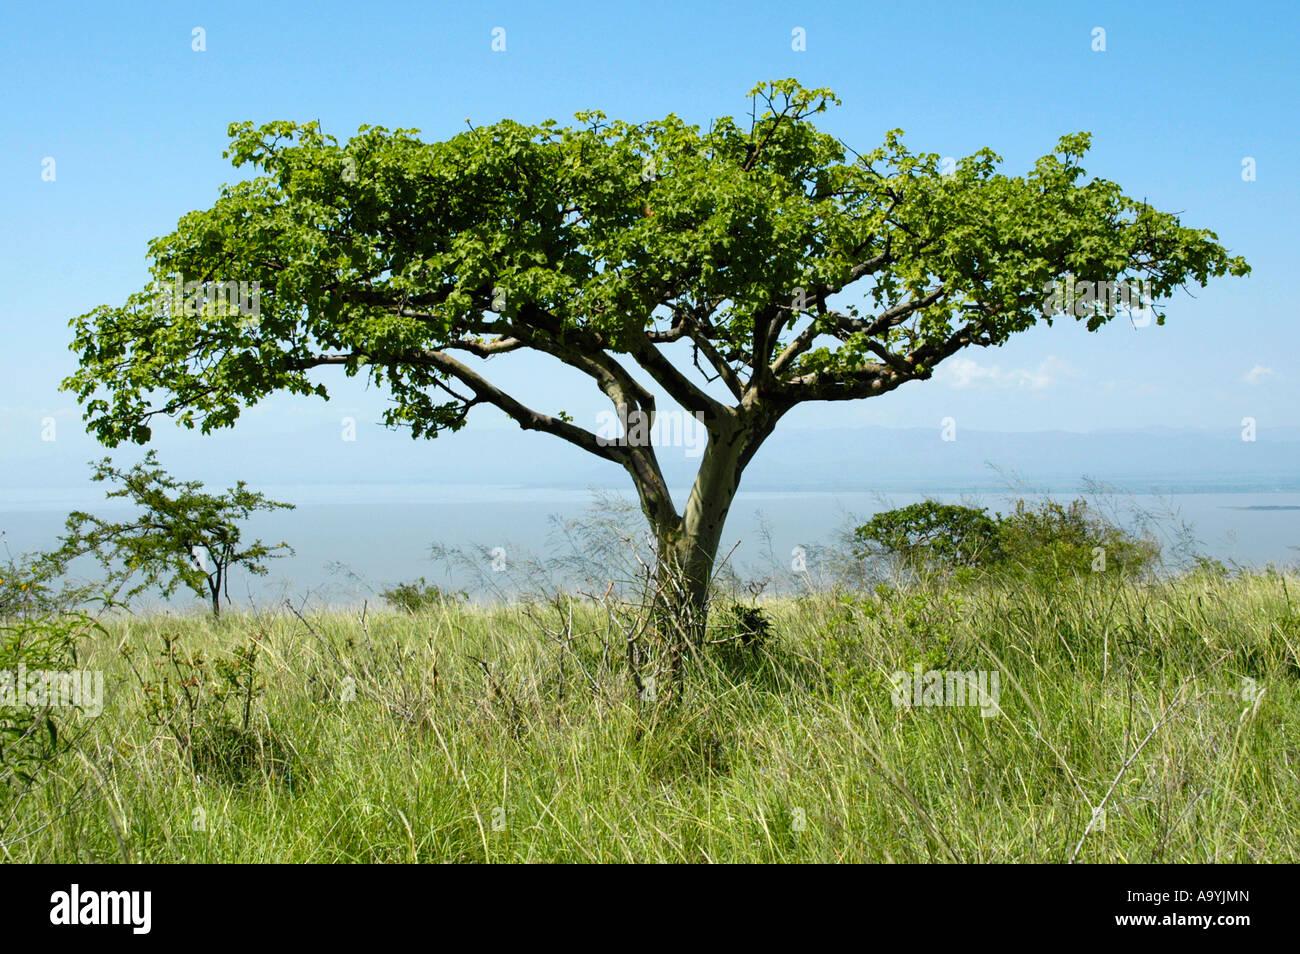 Acacia tree in the savannah Nechisar Natioinal Park near Arba Minch Ethiopia - Stock Image